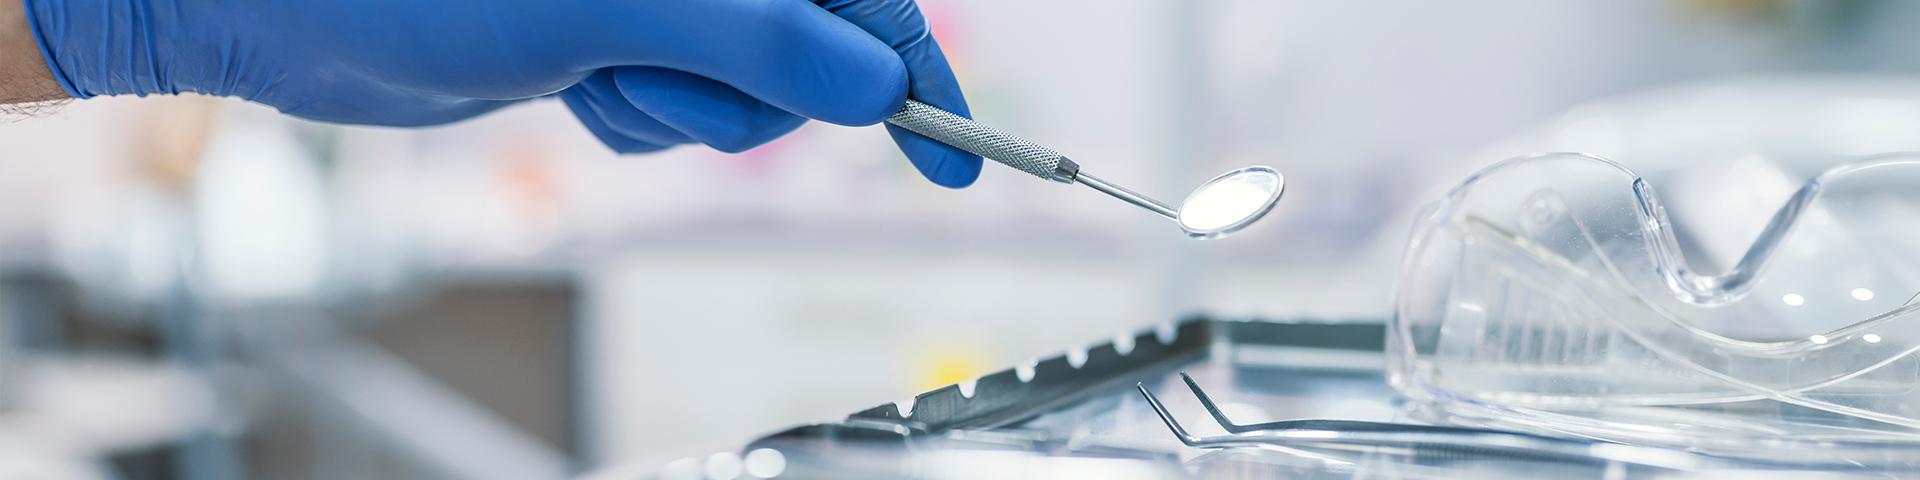 Hand hält Zahnarzt-Instrument